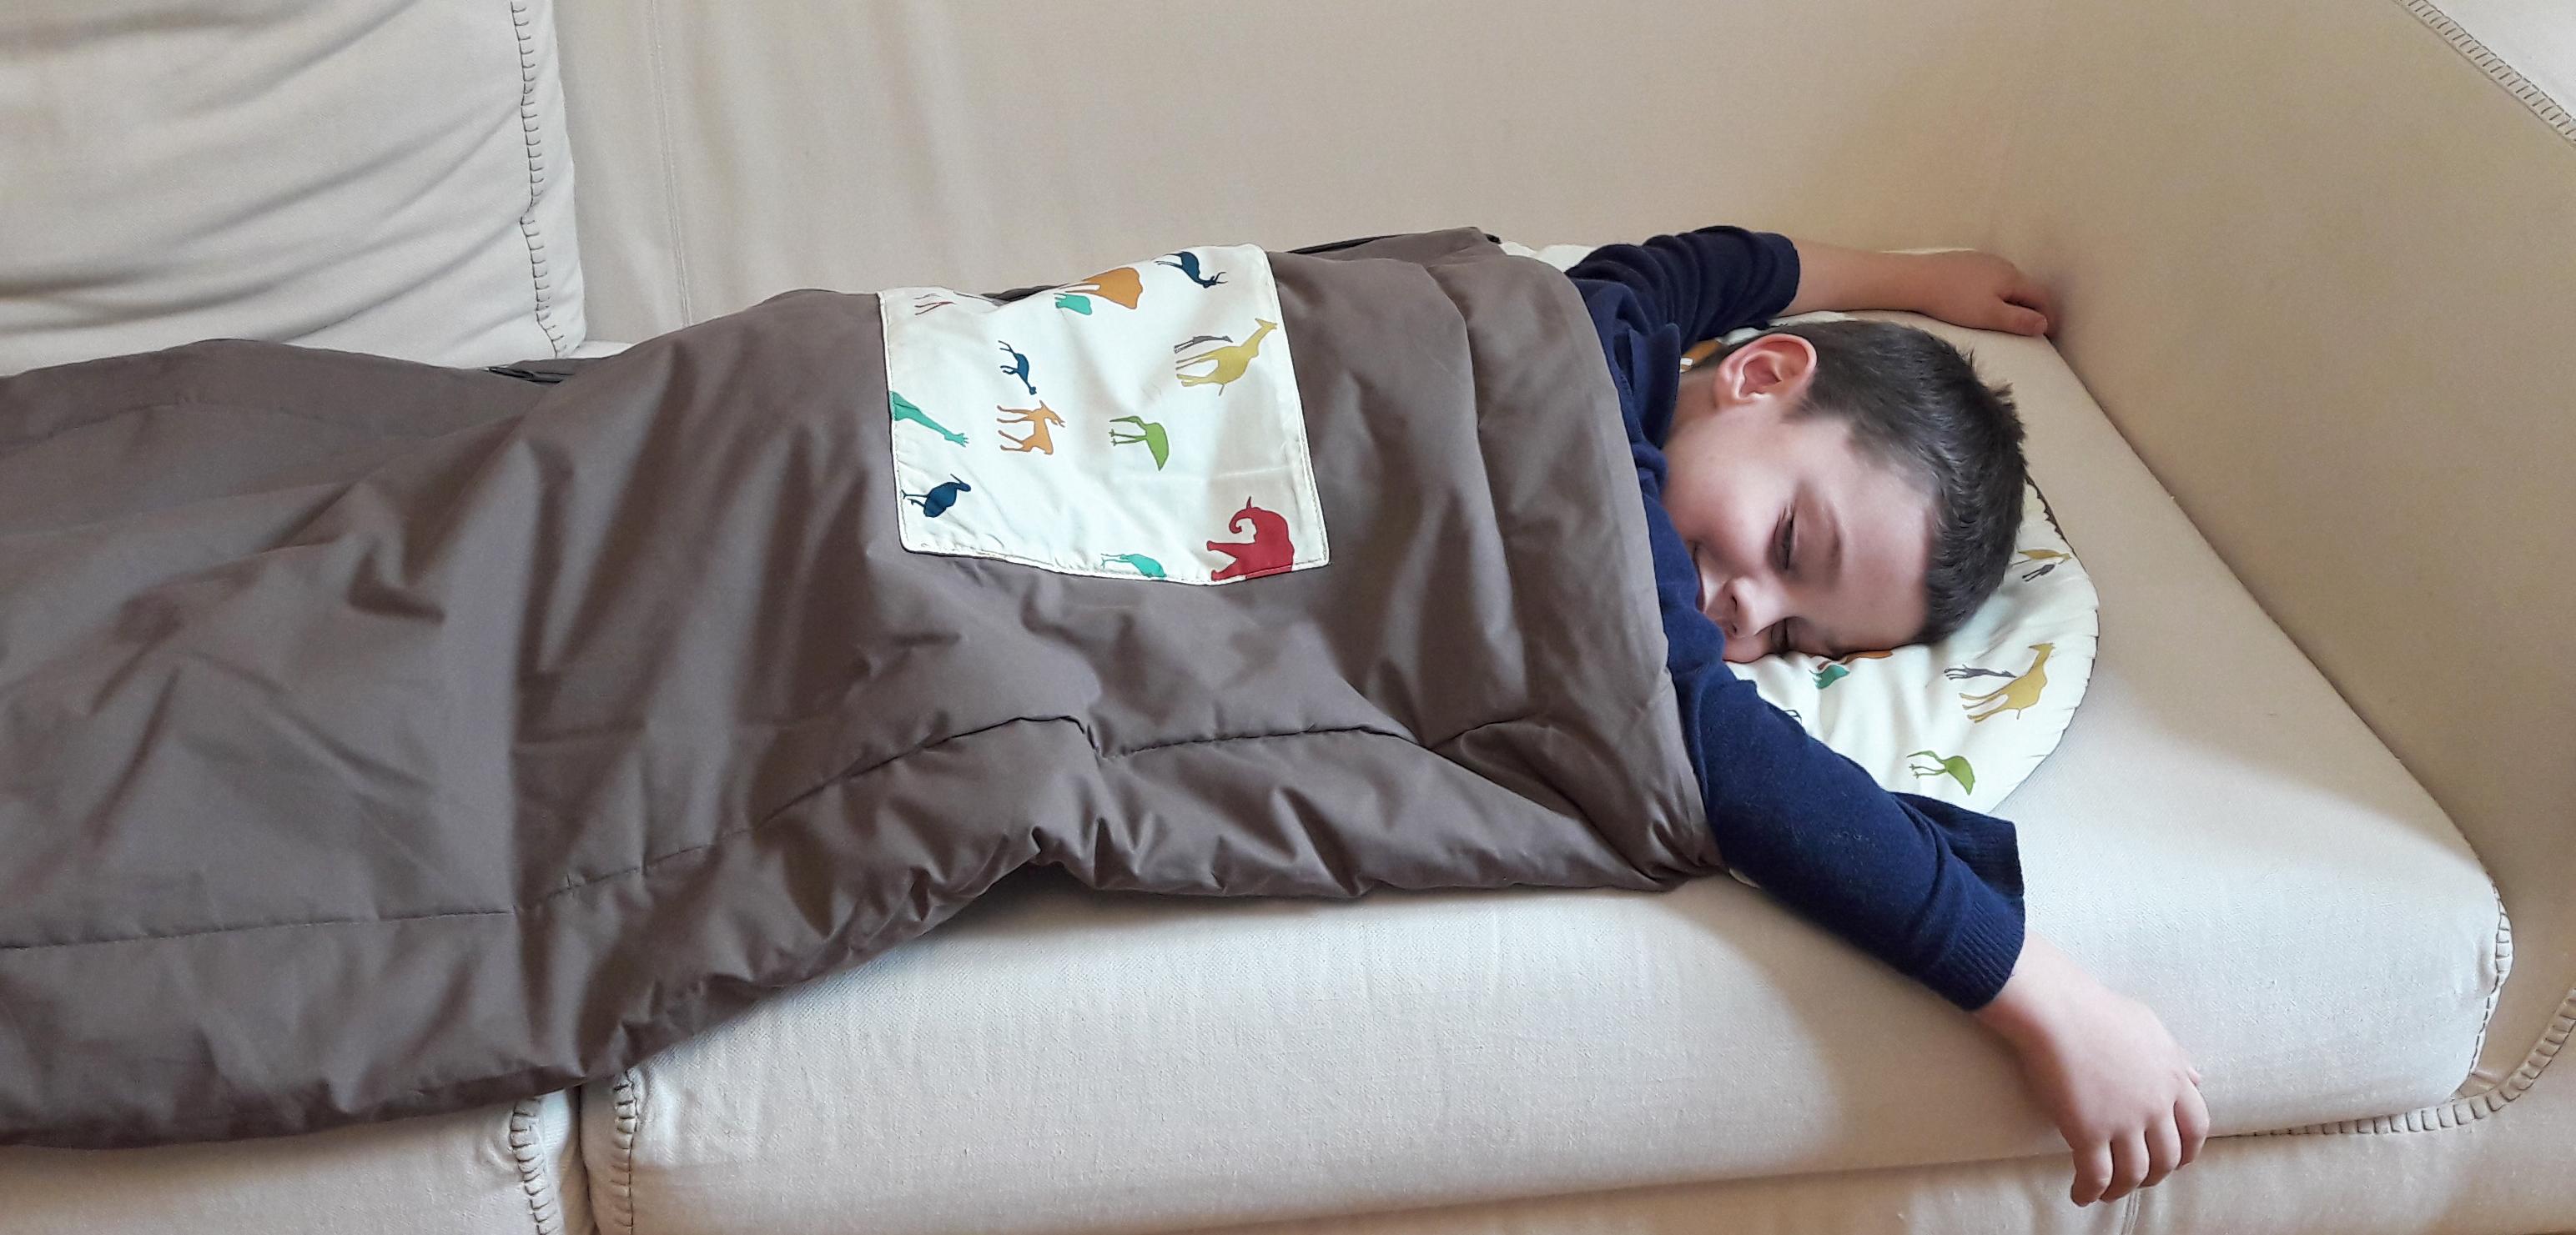 Le sac de couchage enfant pour la sieste à l'école